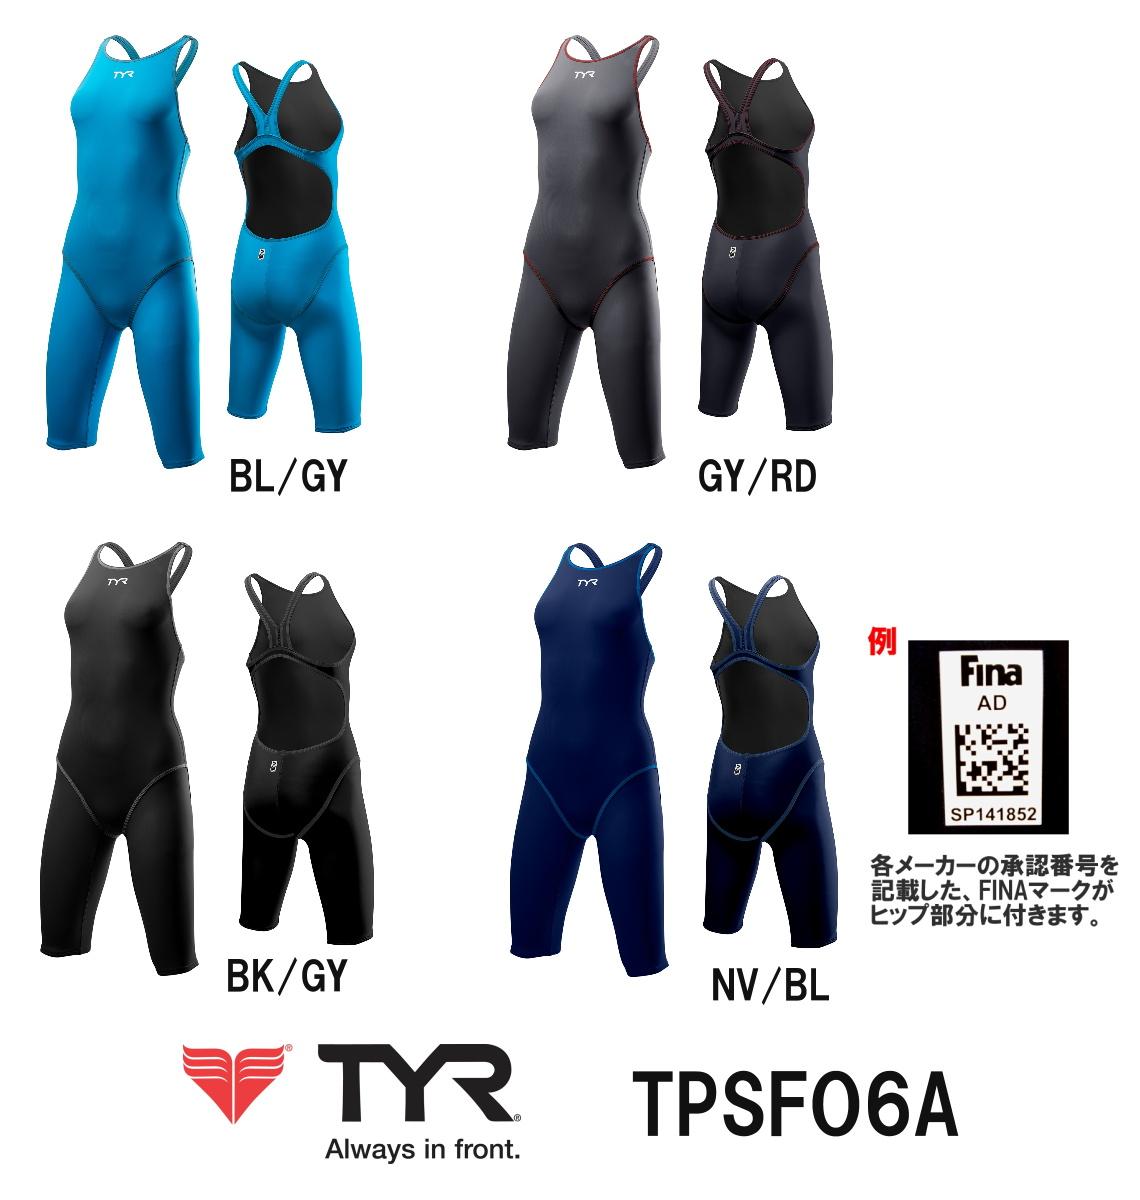 TYR ティア 競泳水着 レディース THRESHER WOMEN'S OPEN BACK スレッシャー ウィメンズ オープン バック fina承認 TPSFO6A